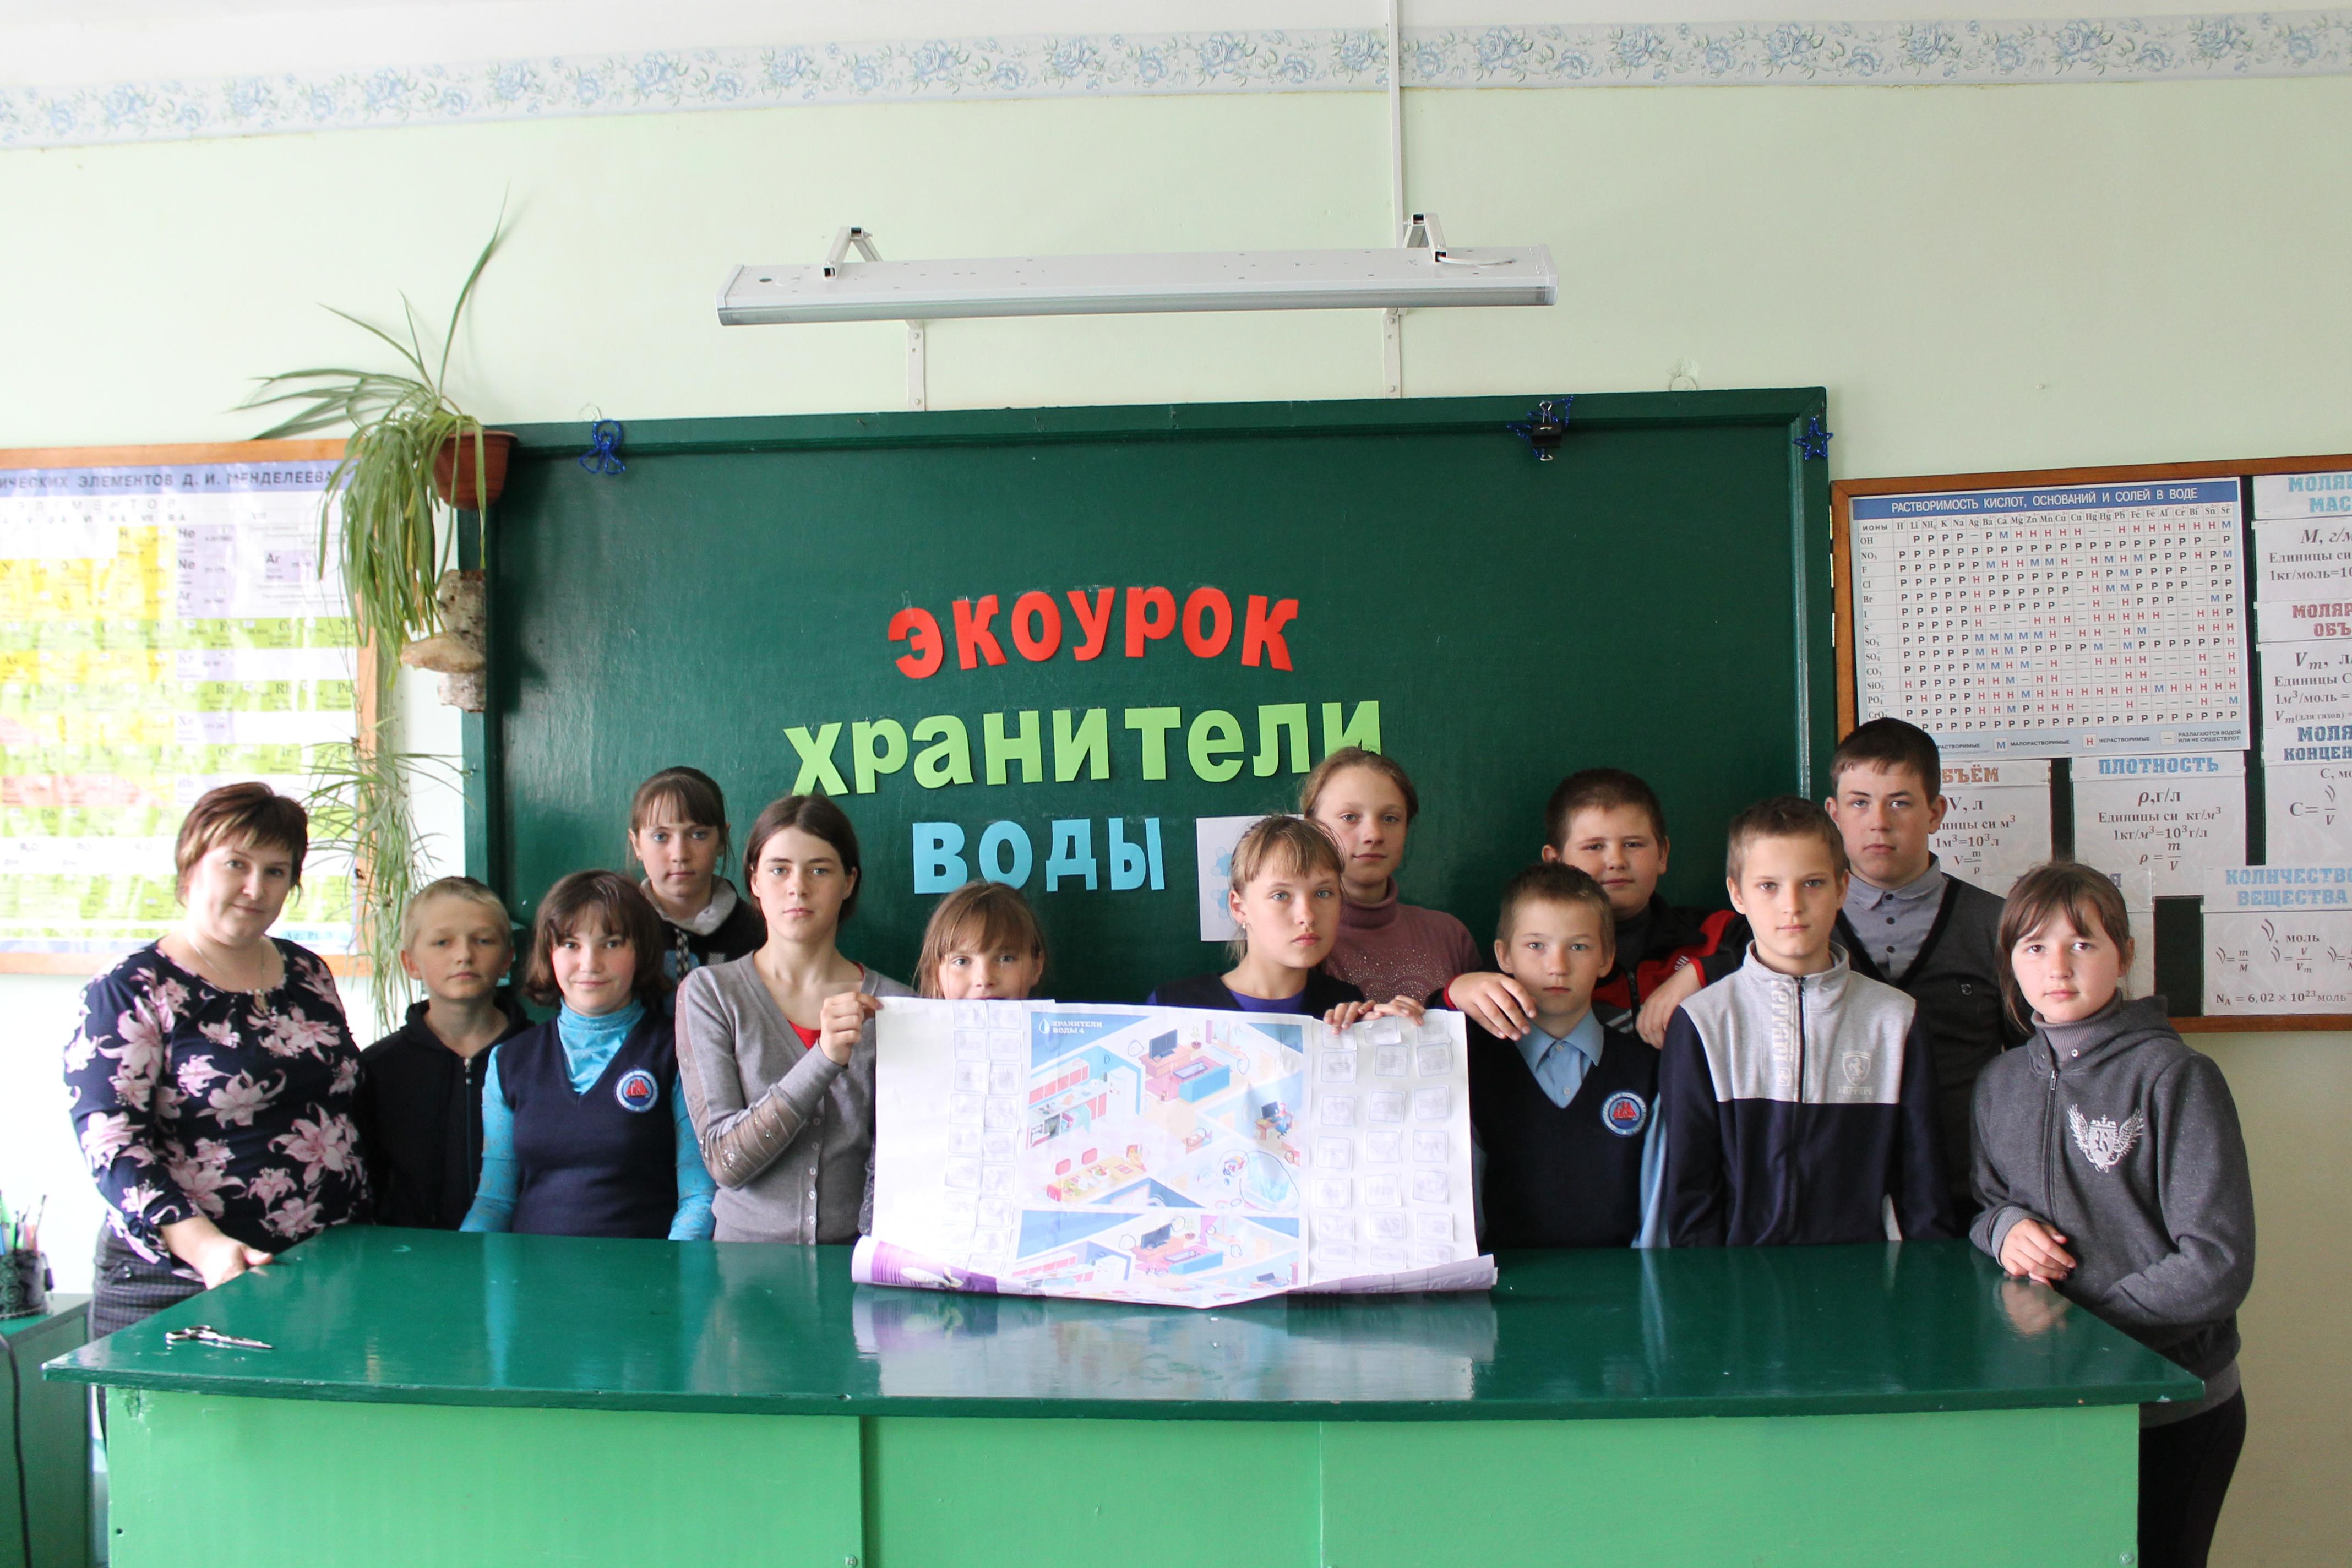 учитель раскозал о проюлеми ученика